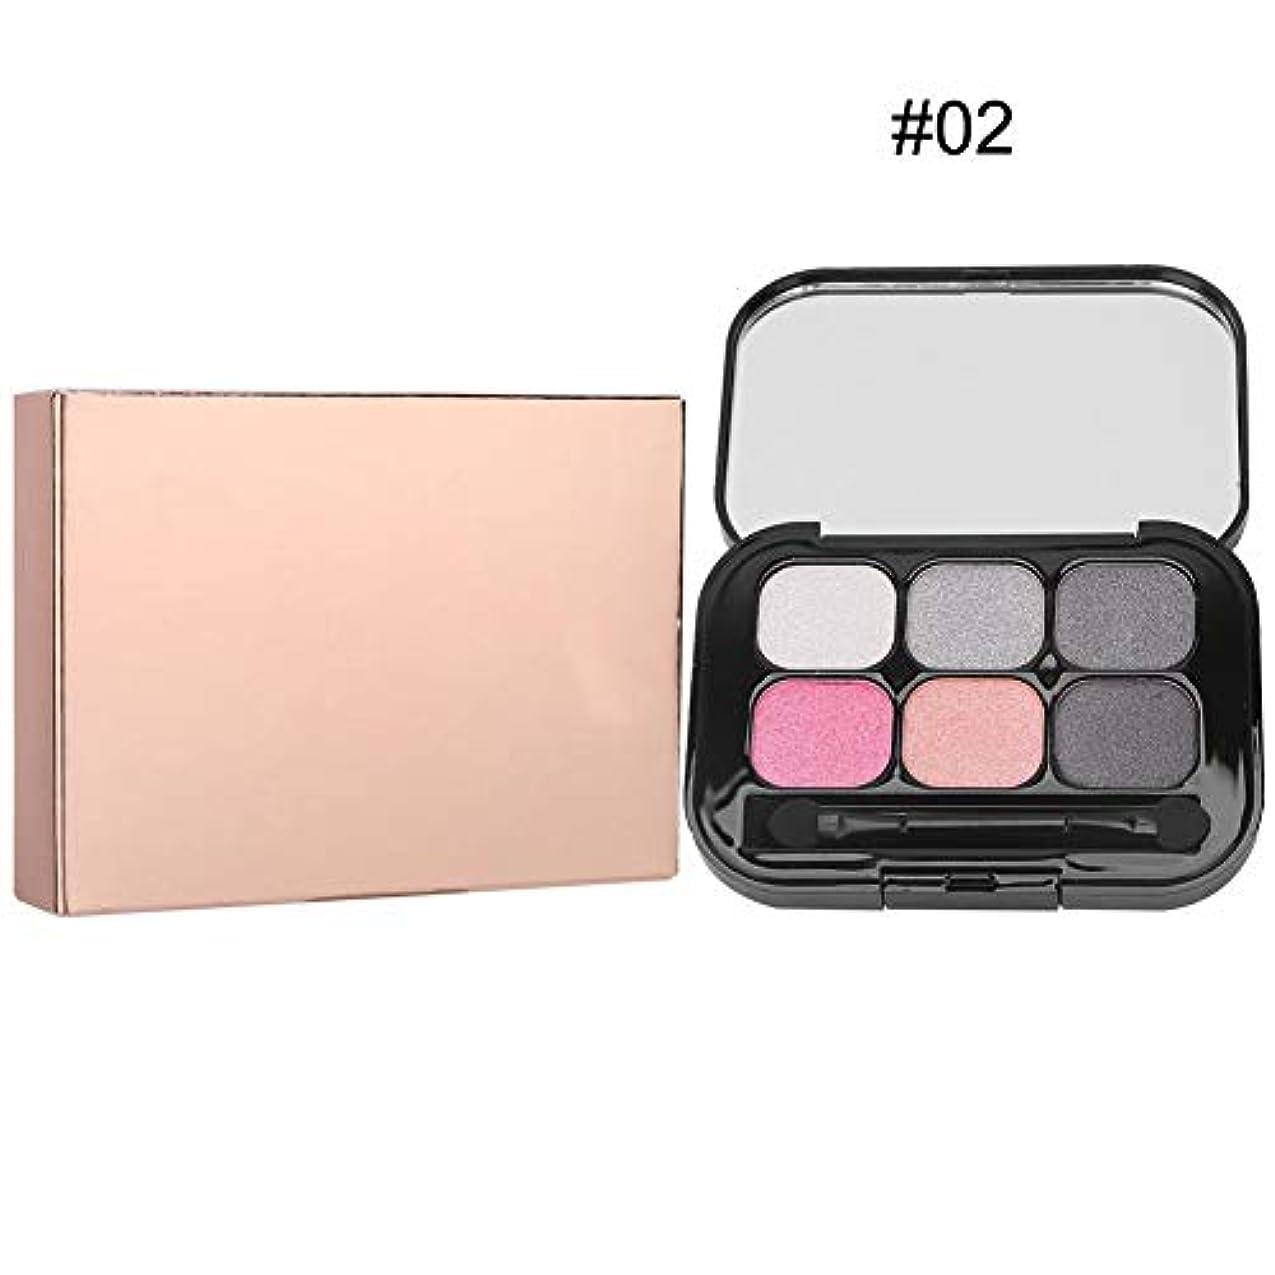 ナプキン急勾配のあからさま16色 アイシャドウパレット アイシャドウパレット 化粧マット グロス アイシャドウパウダー 化粧品ツール (02)